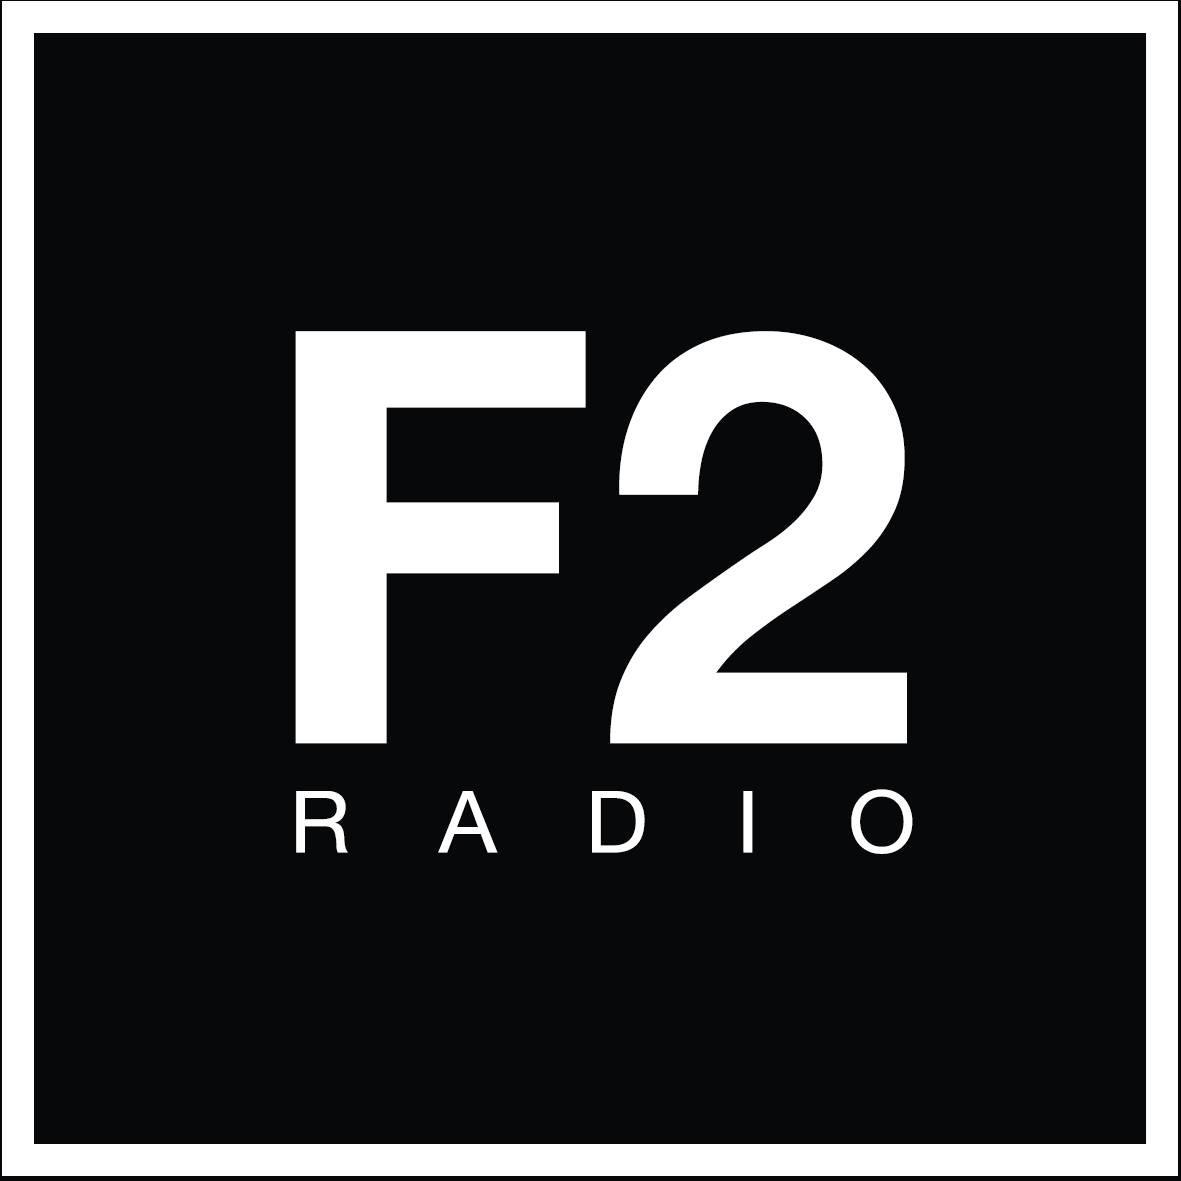 Logo F2 bar radio